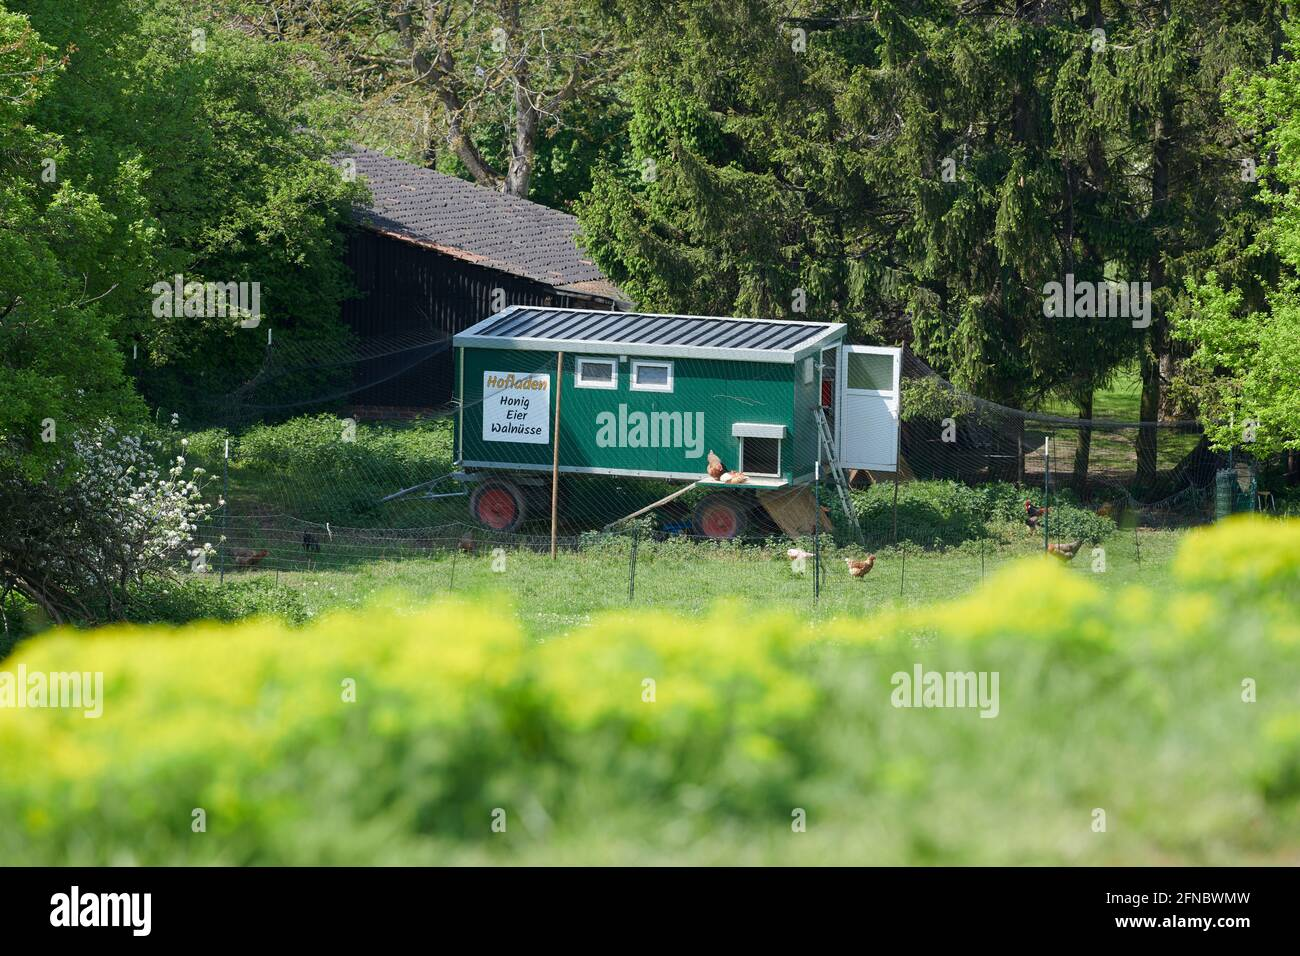 In einer laendlichen Umgebung steht ein Huehnerstall auf Raedern vor dem sich huehner befindet sich mit einem Hinweisschild auf einem Hofladen. Stockfoto